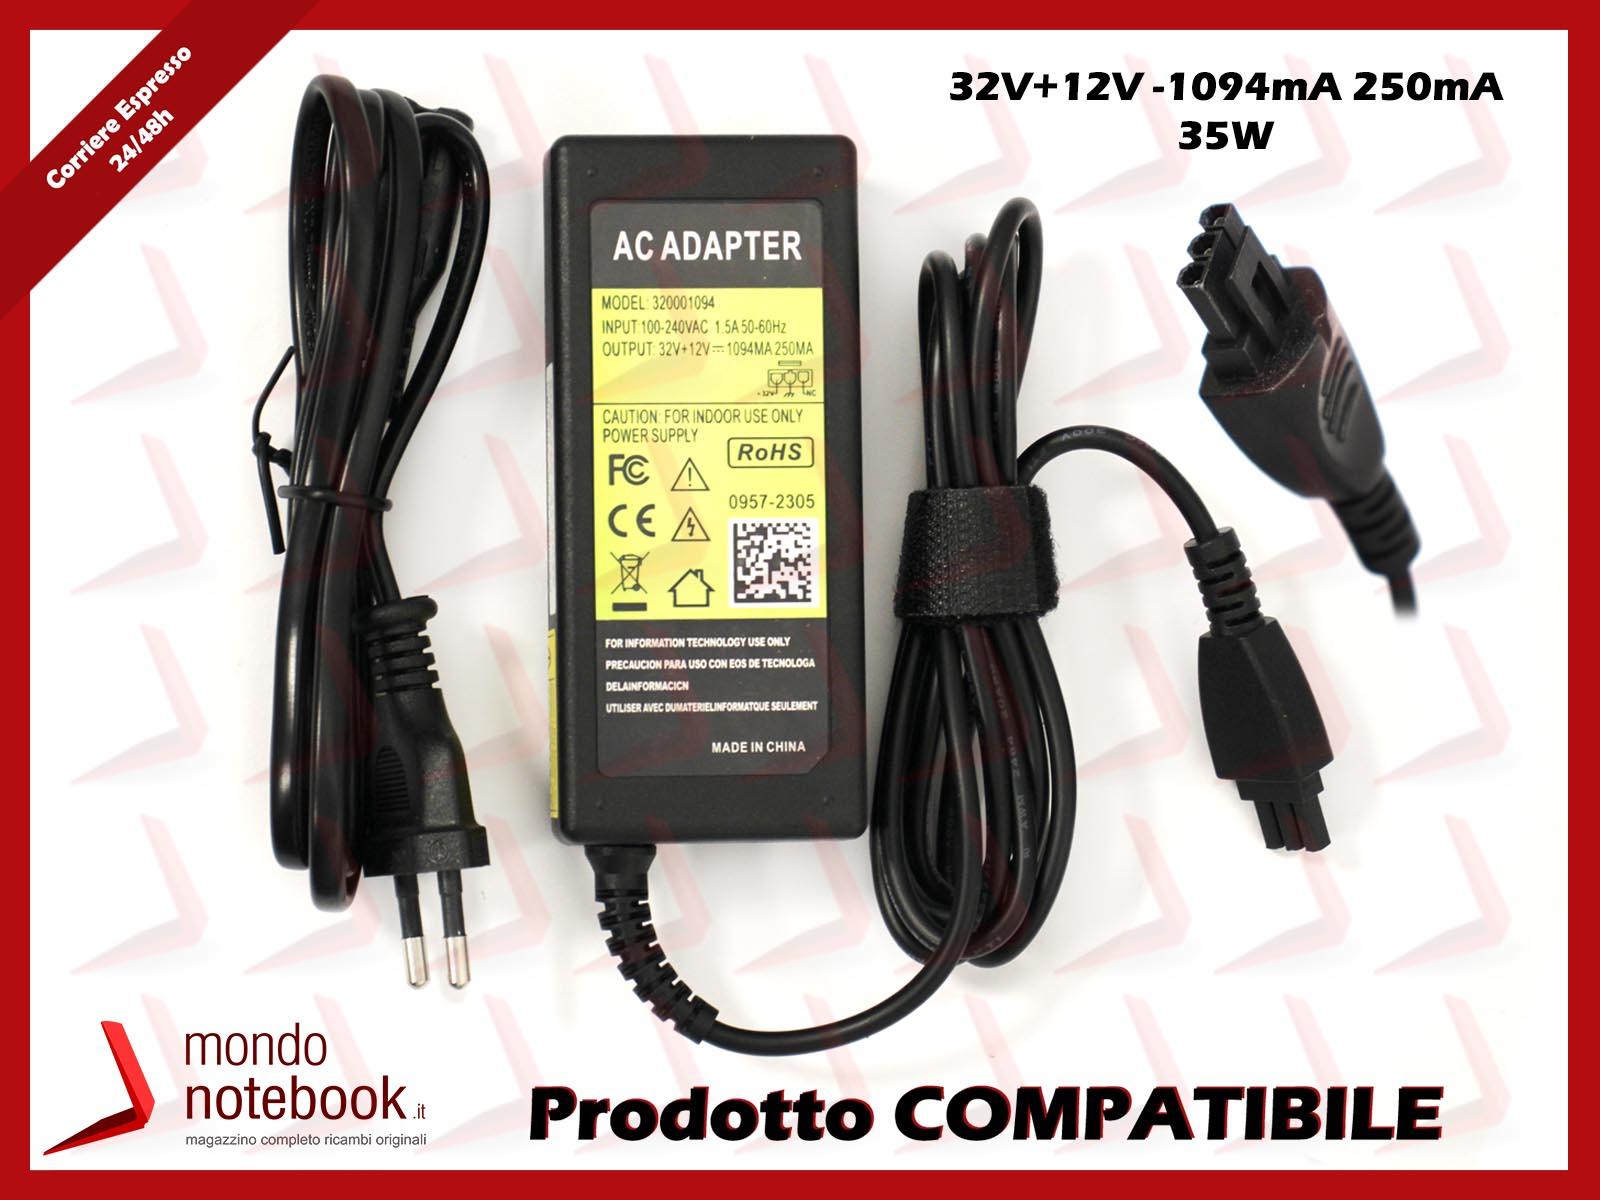 https://www.mondonotebook.it/3715/alimentatore-stampante-compatibile-hp-officejet-6700-7110-7510-7610.jpg